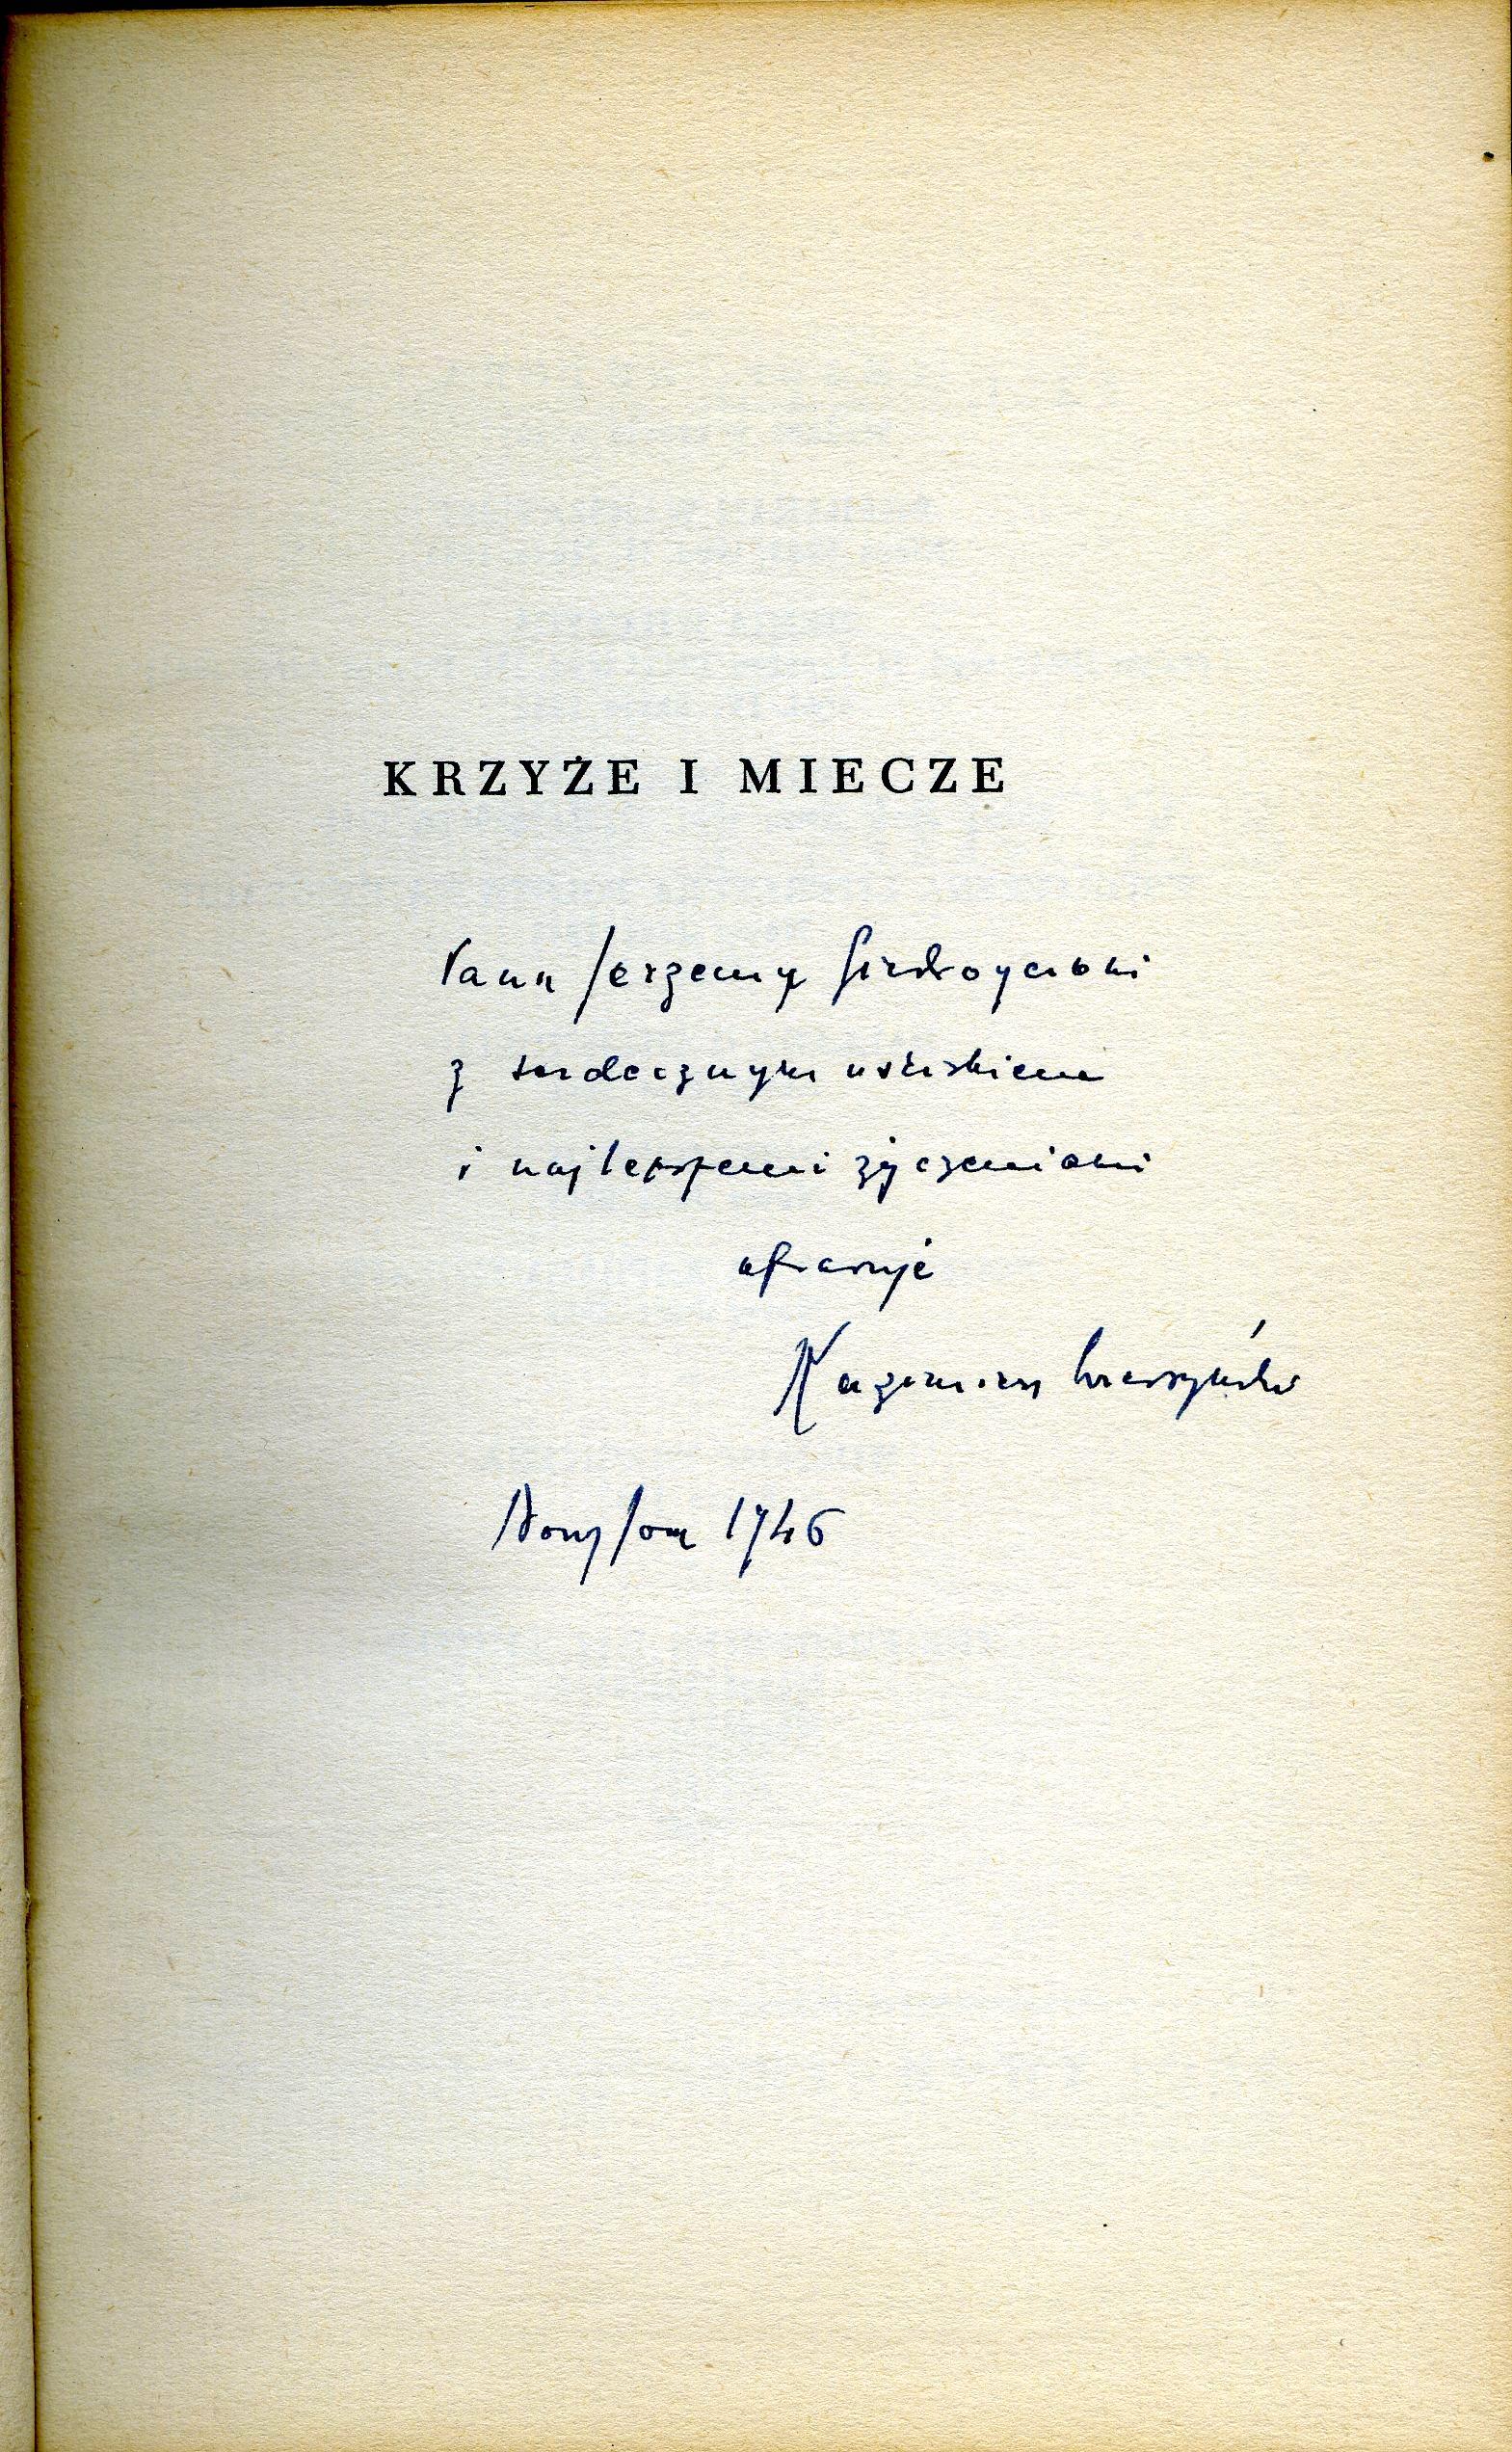 """<div class='inner-box'><div class='close-desc'></div><span class='opis'>Dedykacja: Kazimierz Wierzyński dla Jerzego Giedroycia.""""Krzyże i miecze"""", 1946.</span><div class='clearfix'></div><span>Sygn. dedyk052b</span><div class='clearfix'></div><span>© Instytut Literacki</span></div>"""